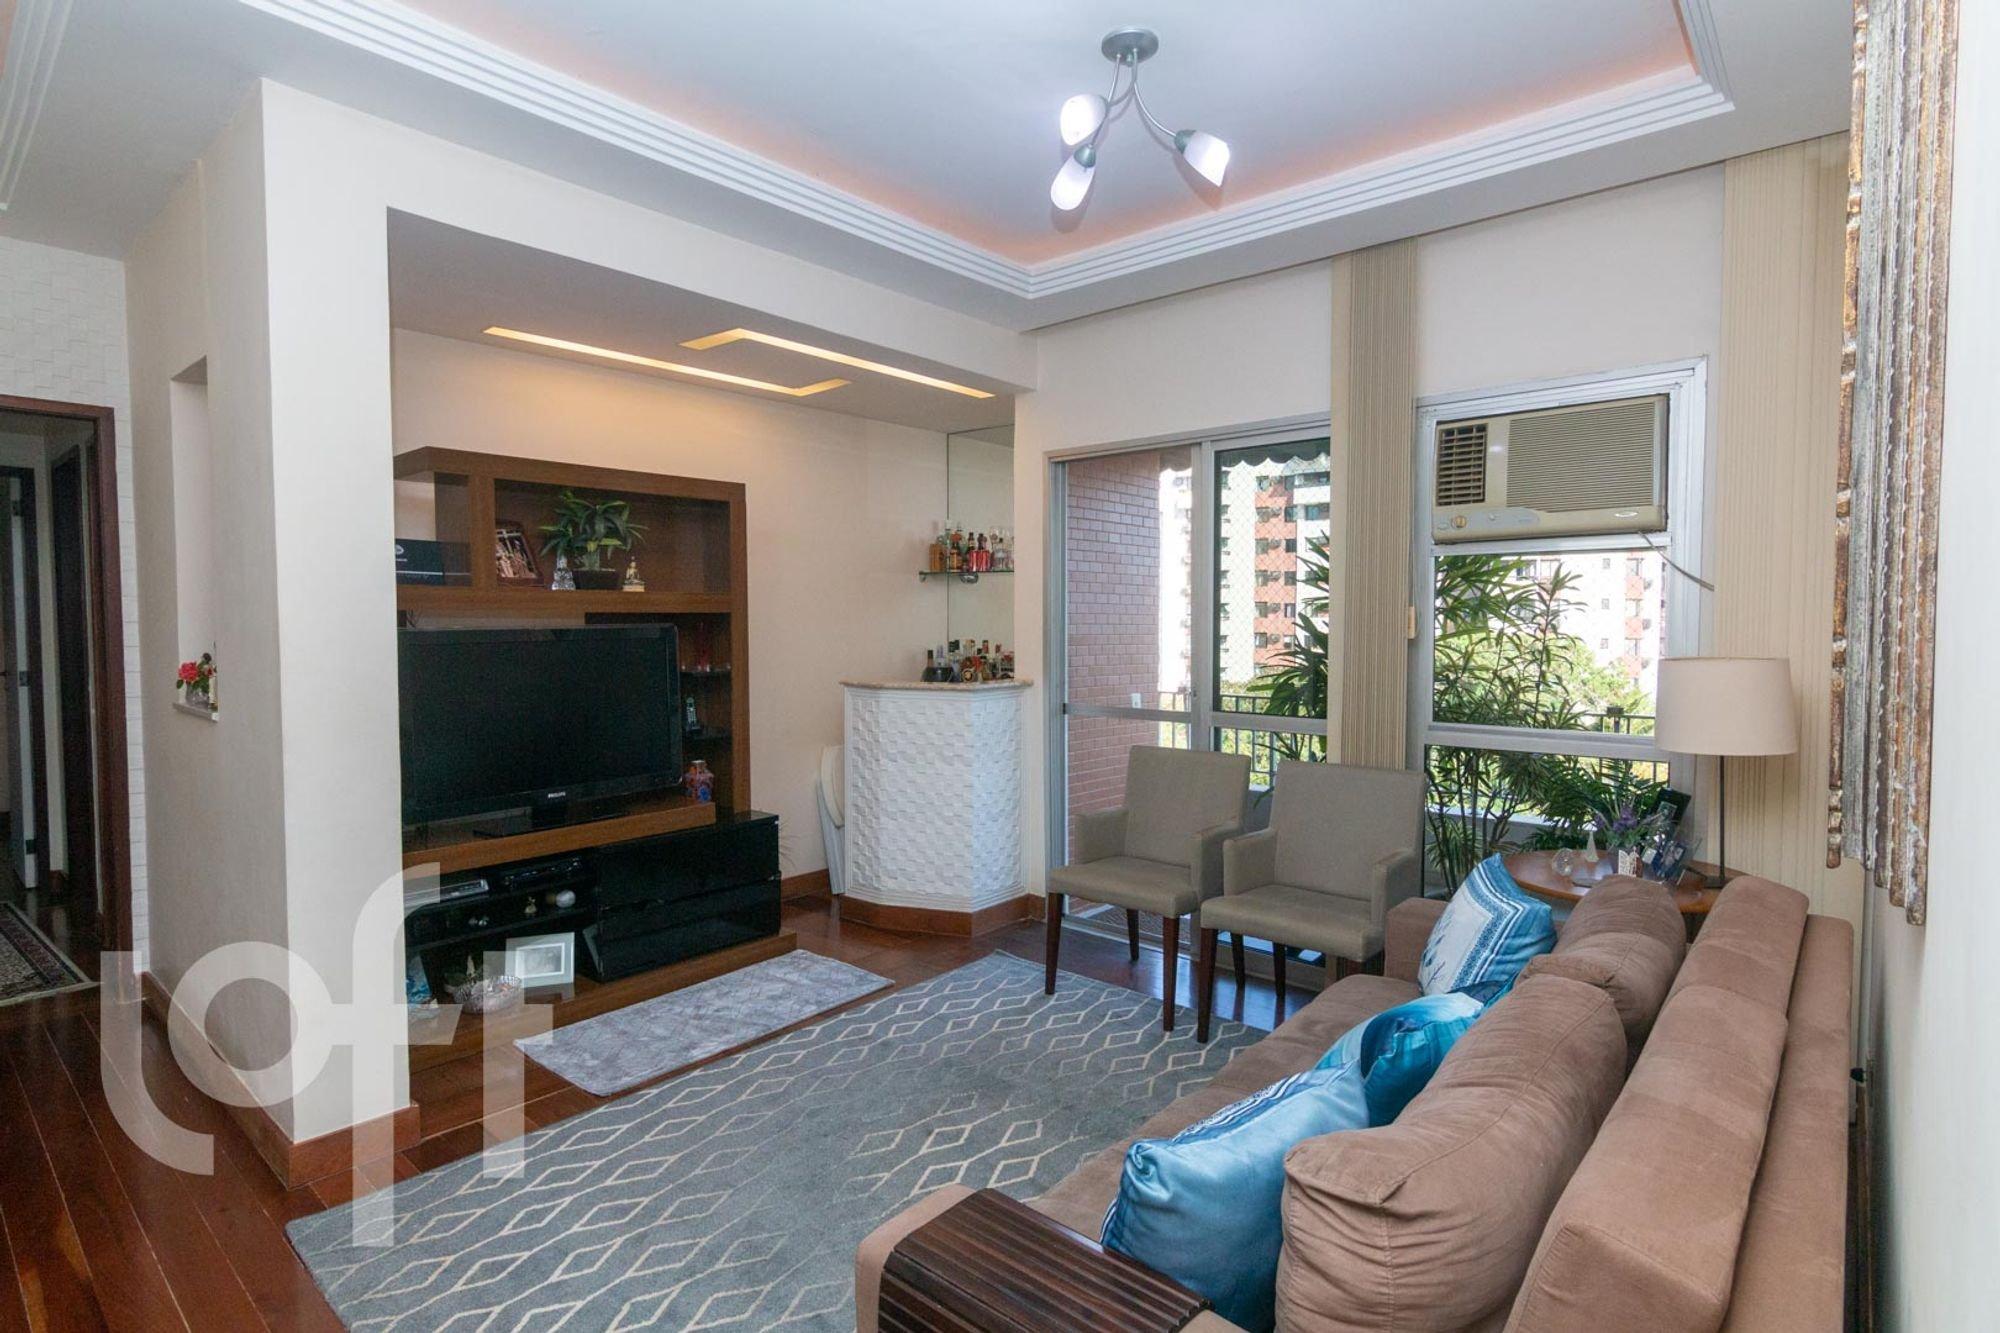 Foto de Sala com vaso de planta, sofá, televisão, cadeira